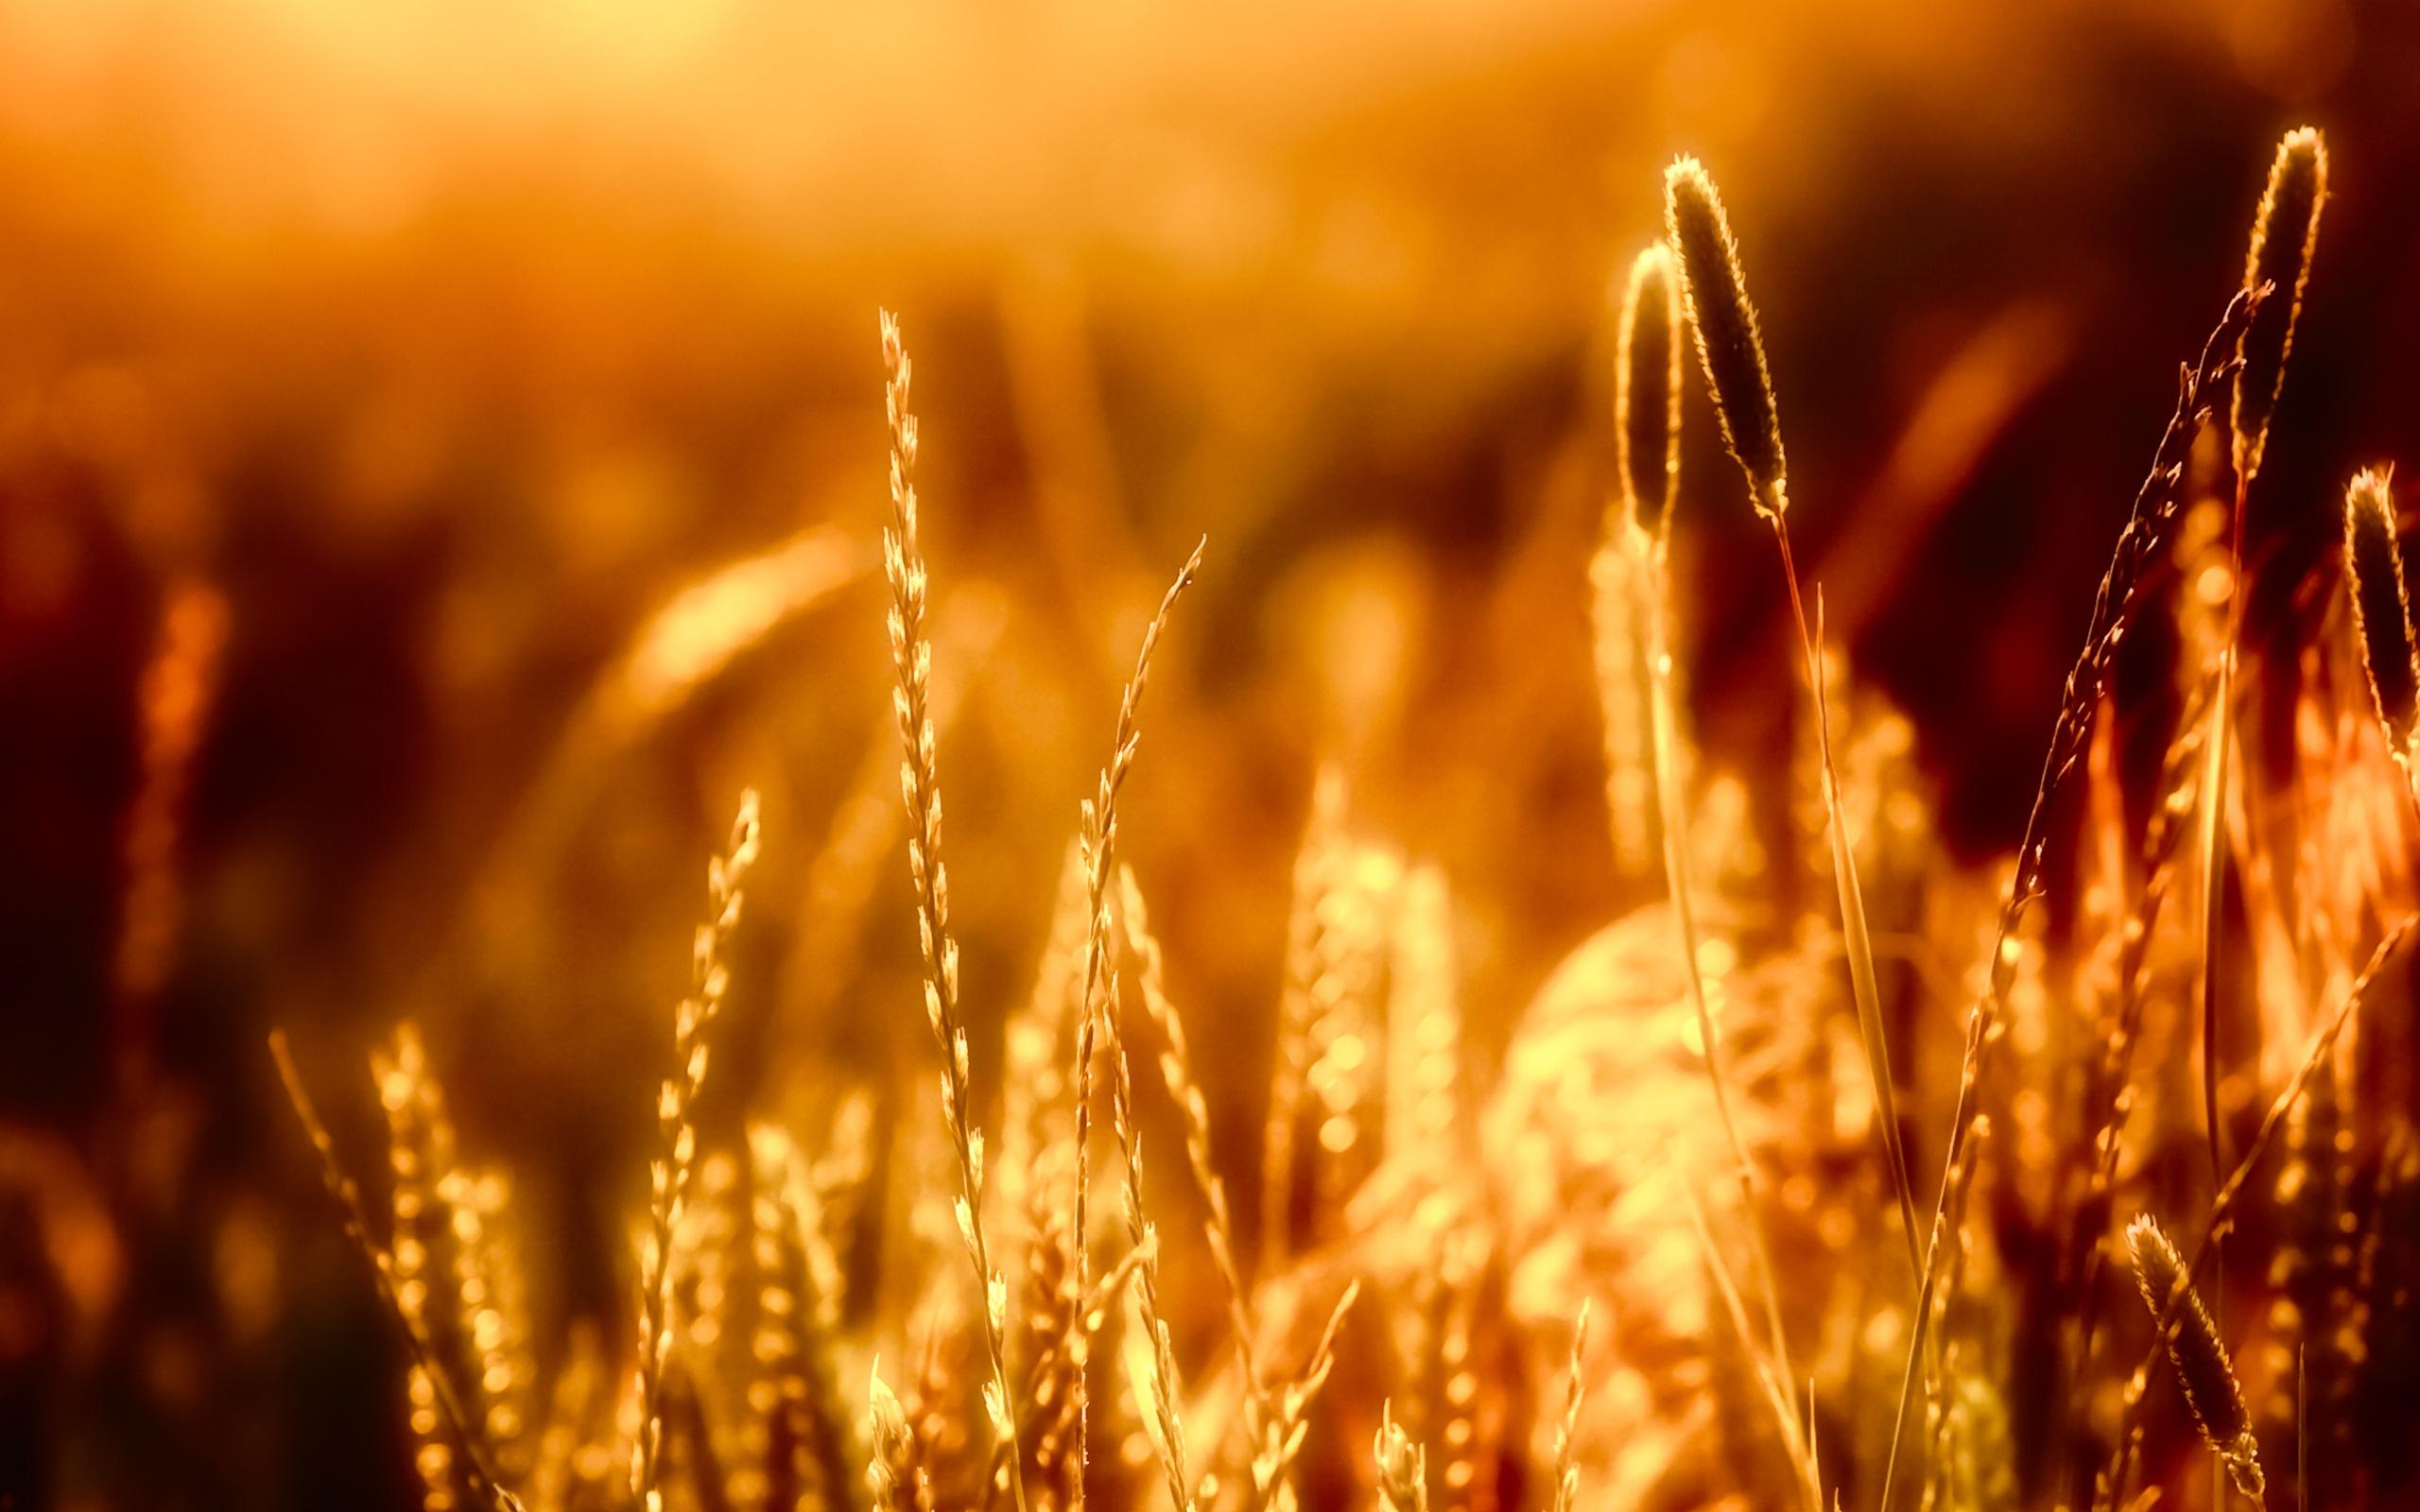 壁紙 クローズアップ草の暖かい太陽の下で 2560x1600 Hd 無料の